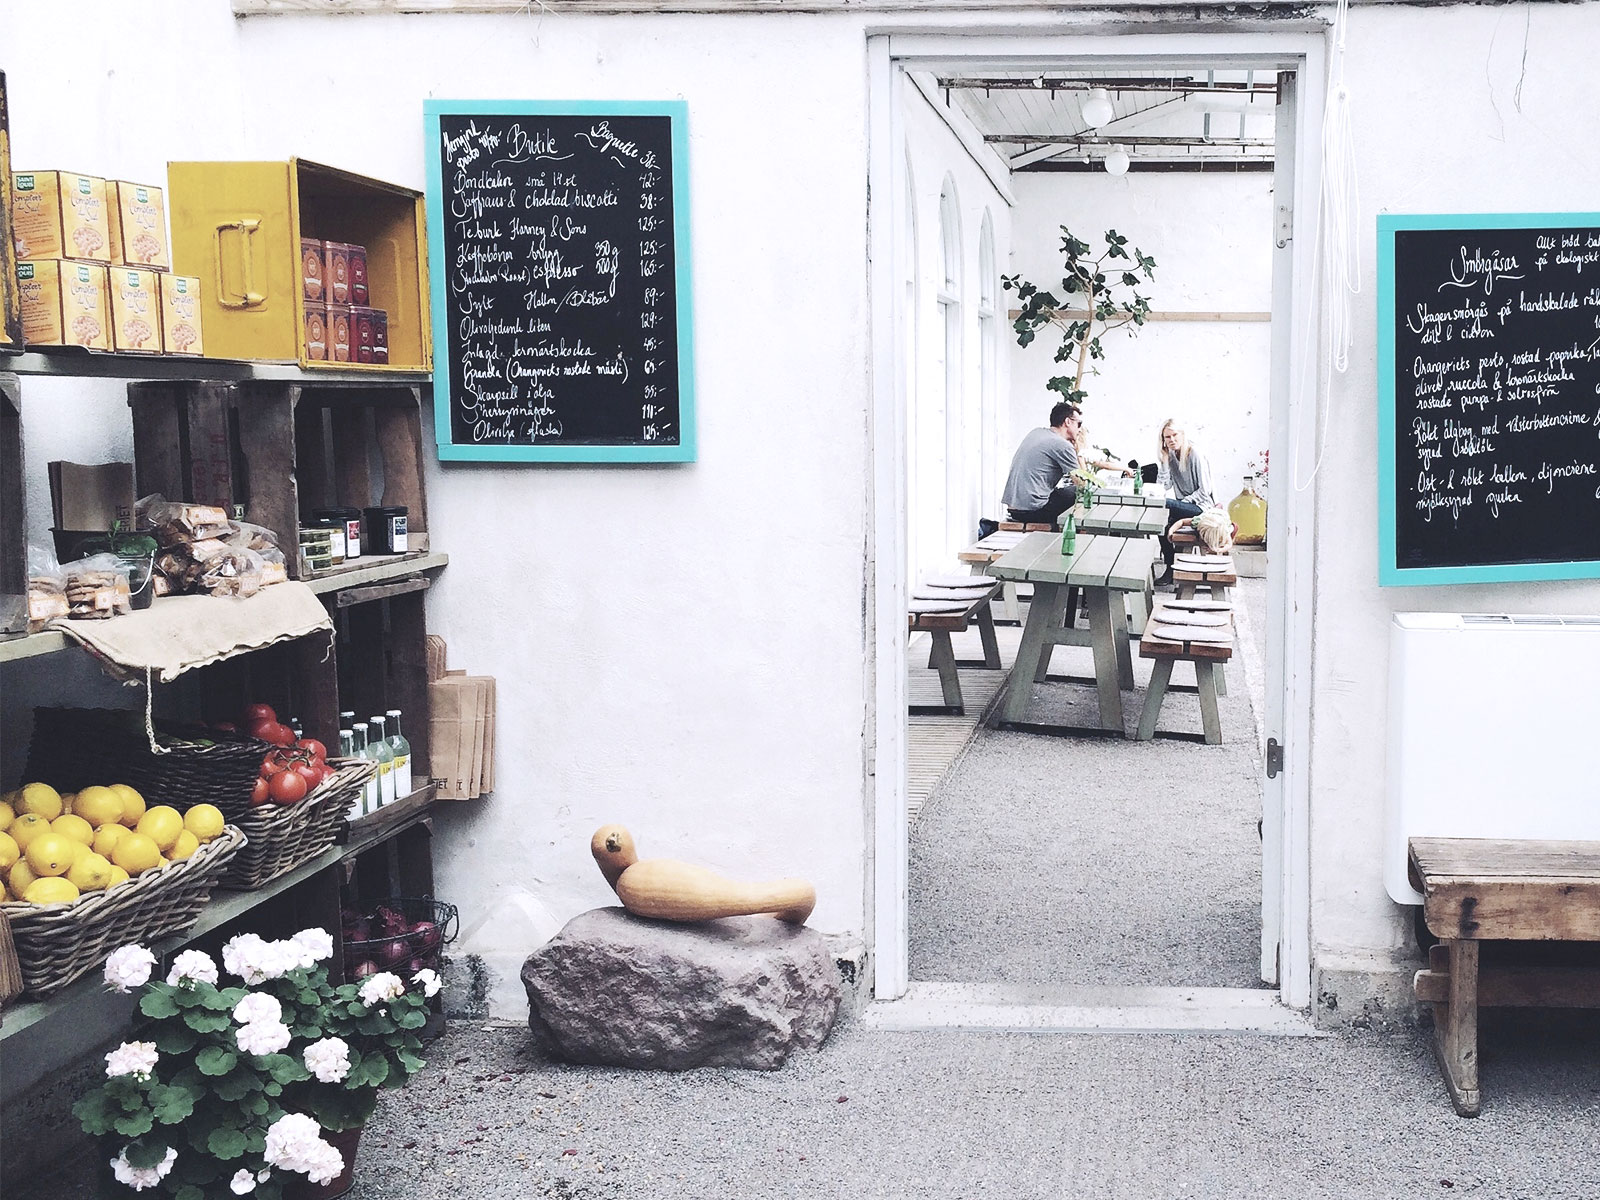 La cocotte restaurant interieur exterieur la for Interieur exterieur 01